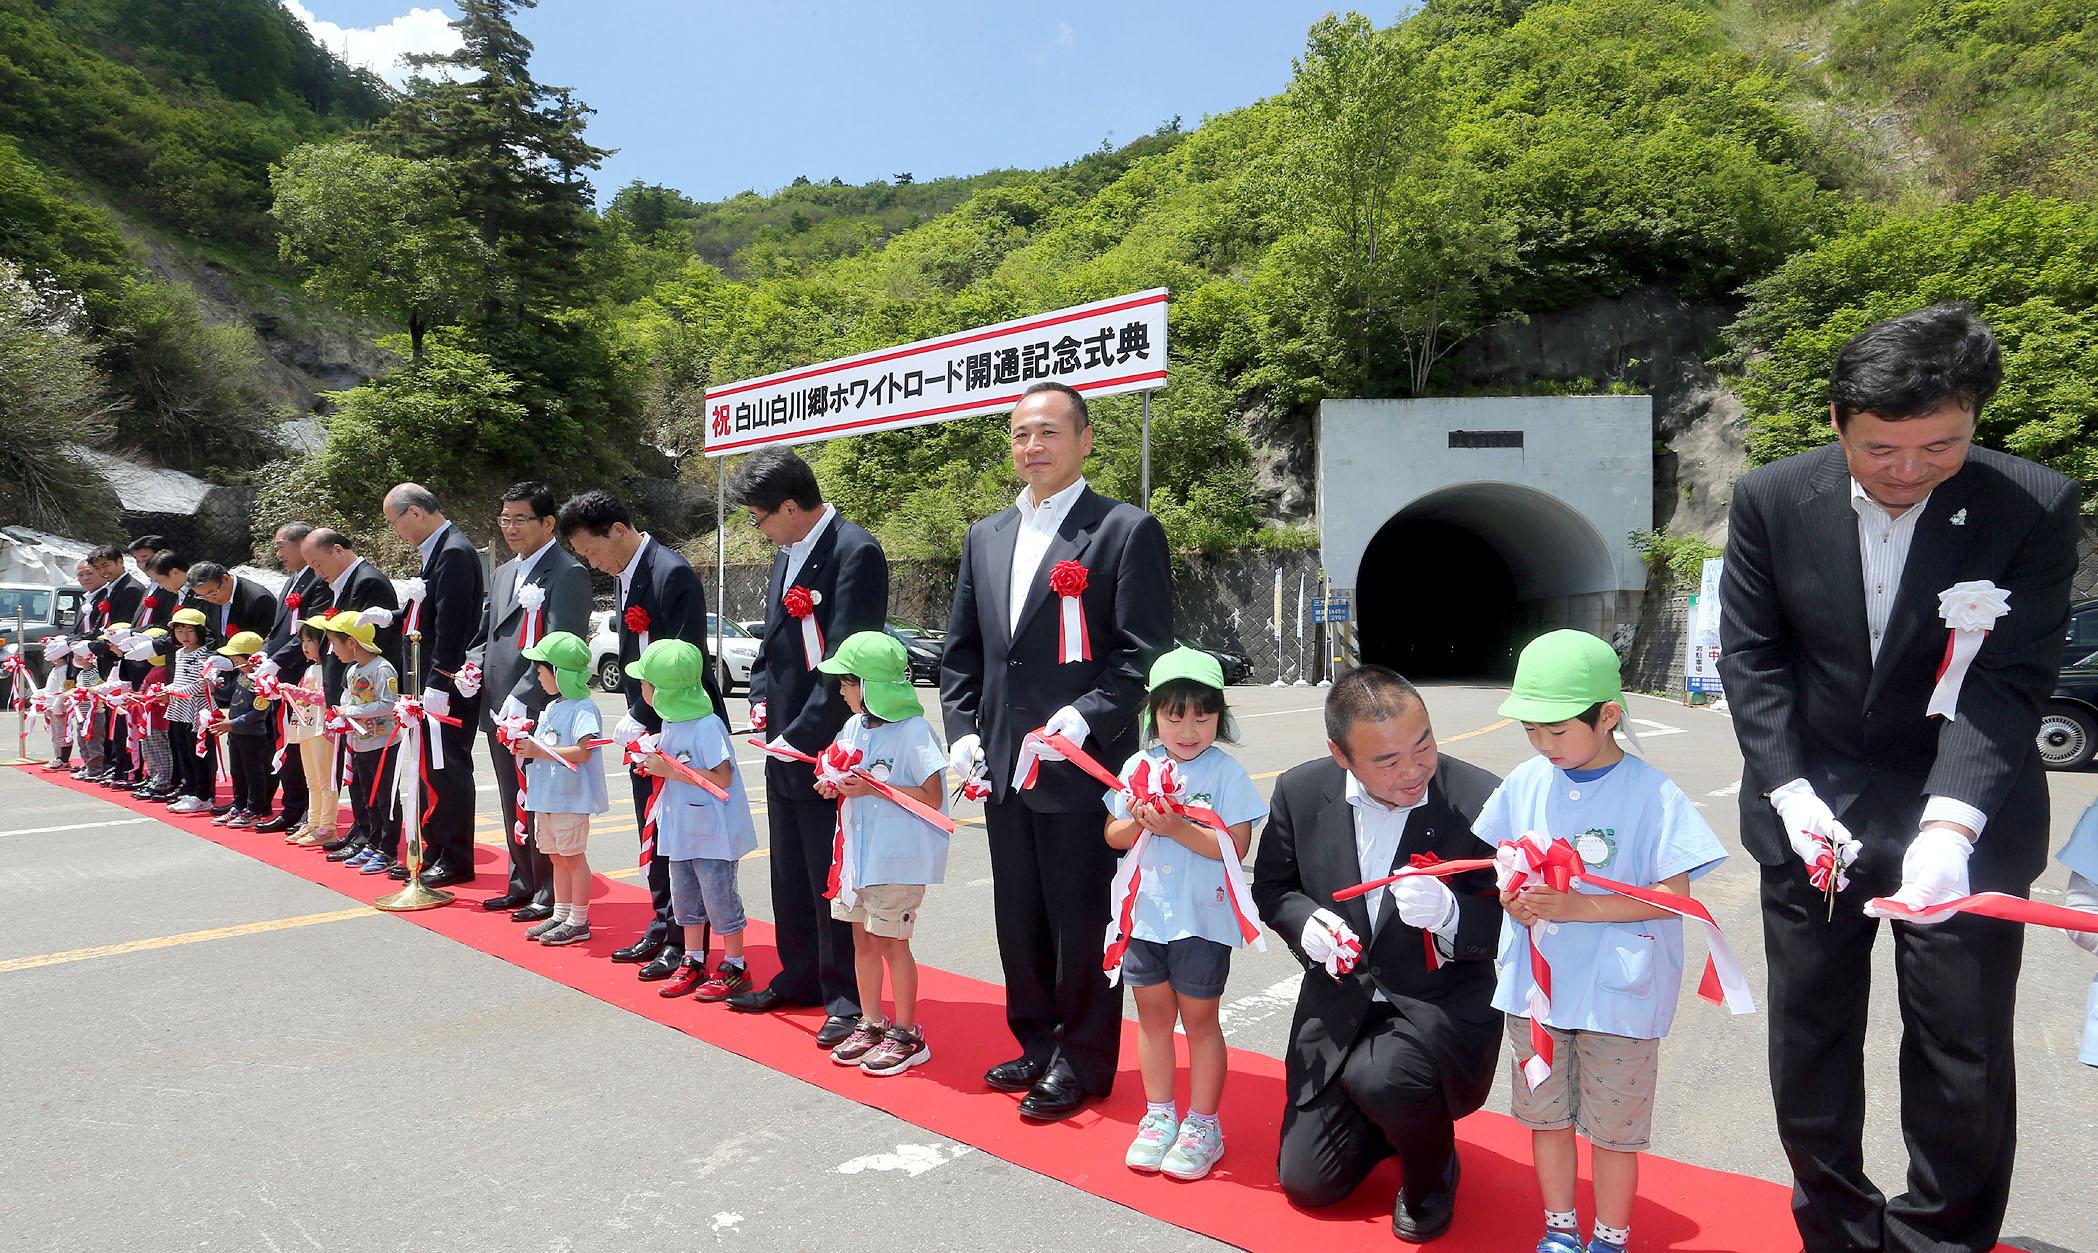 全線開通を祝いテープカットする石川県と岐阜県の関係者=25日午前10時22分、三方岩駐車場